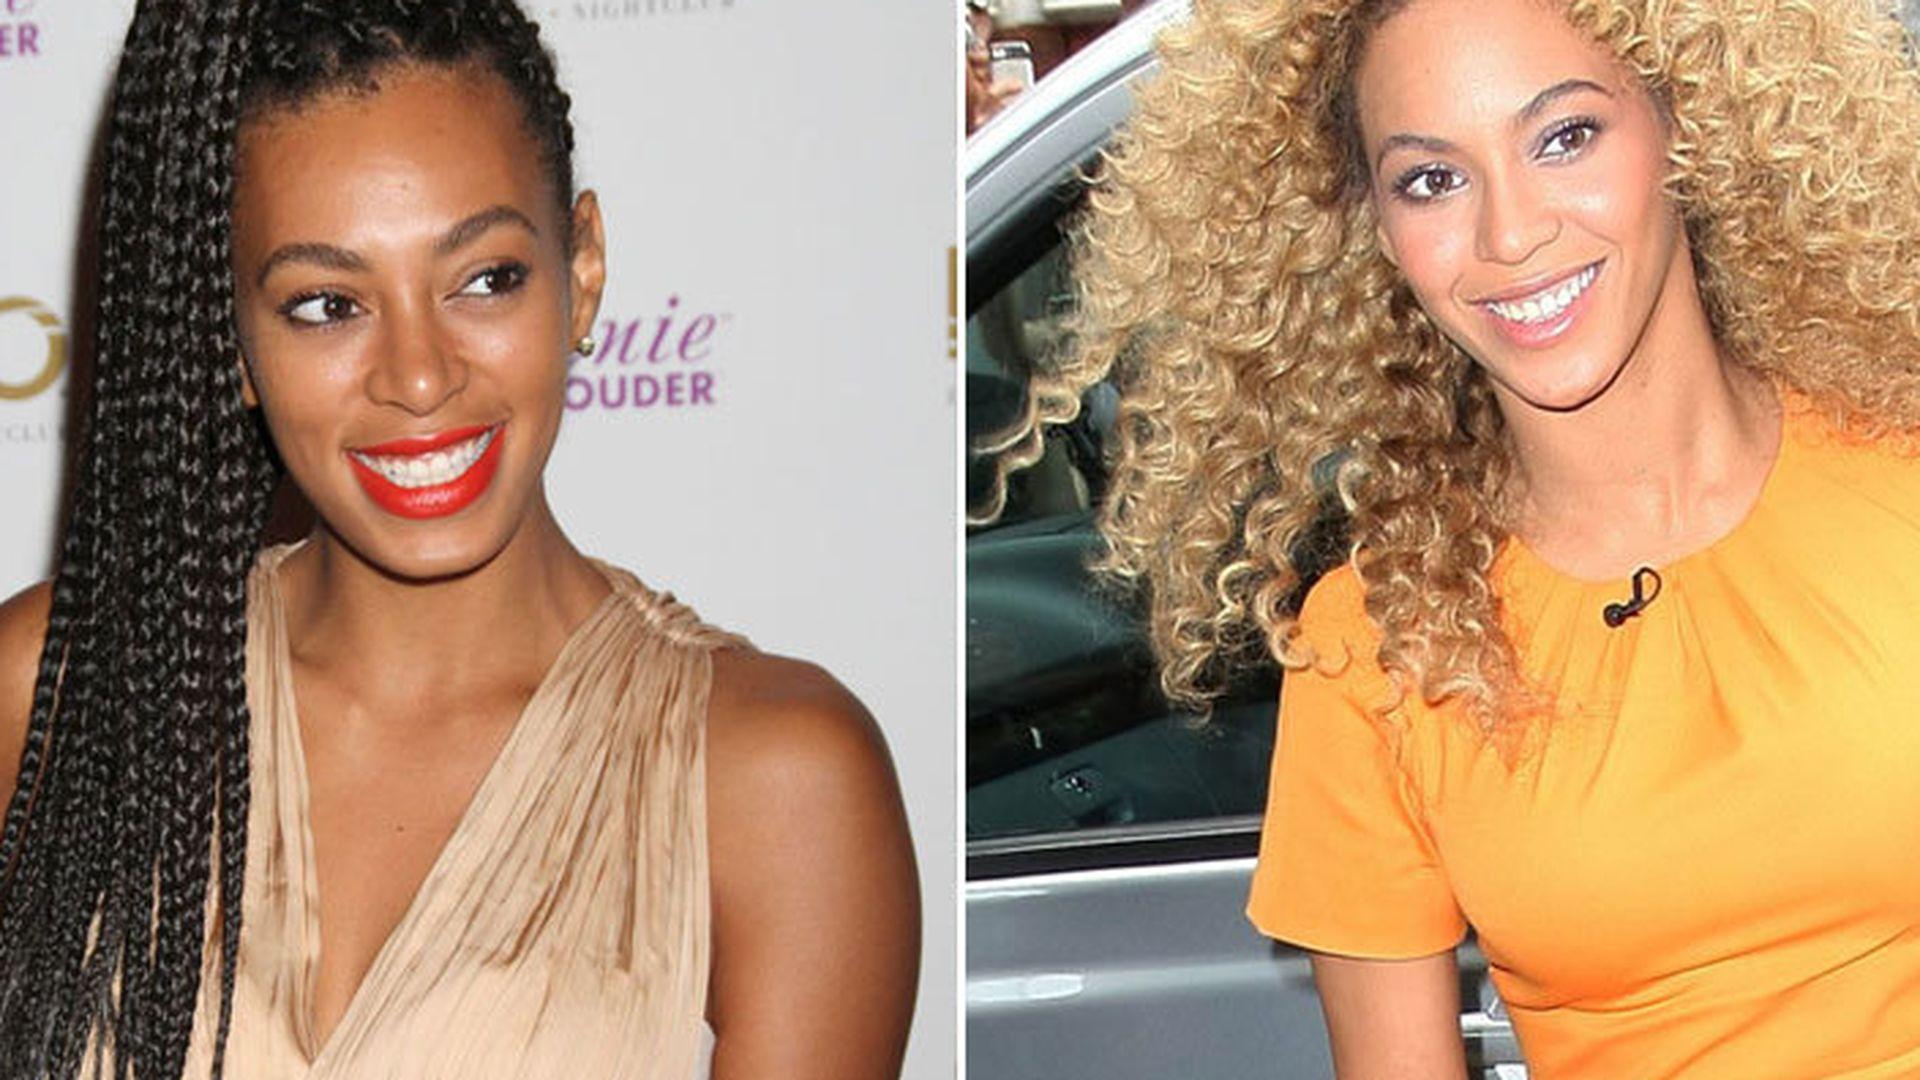 Beyonce tolles geschenk f r ihre schwester for Geschenk schwester 25